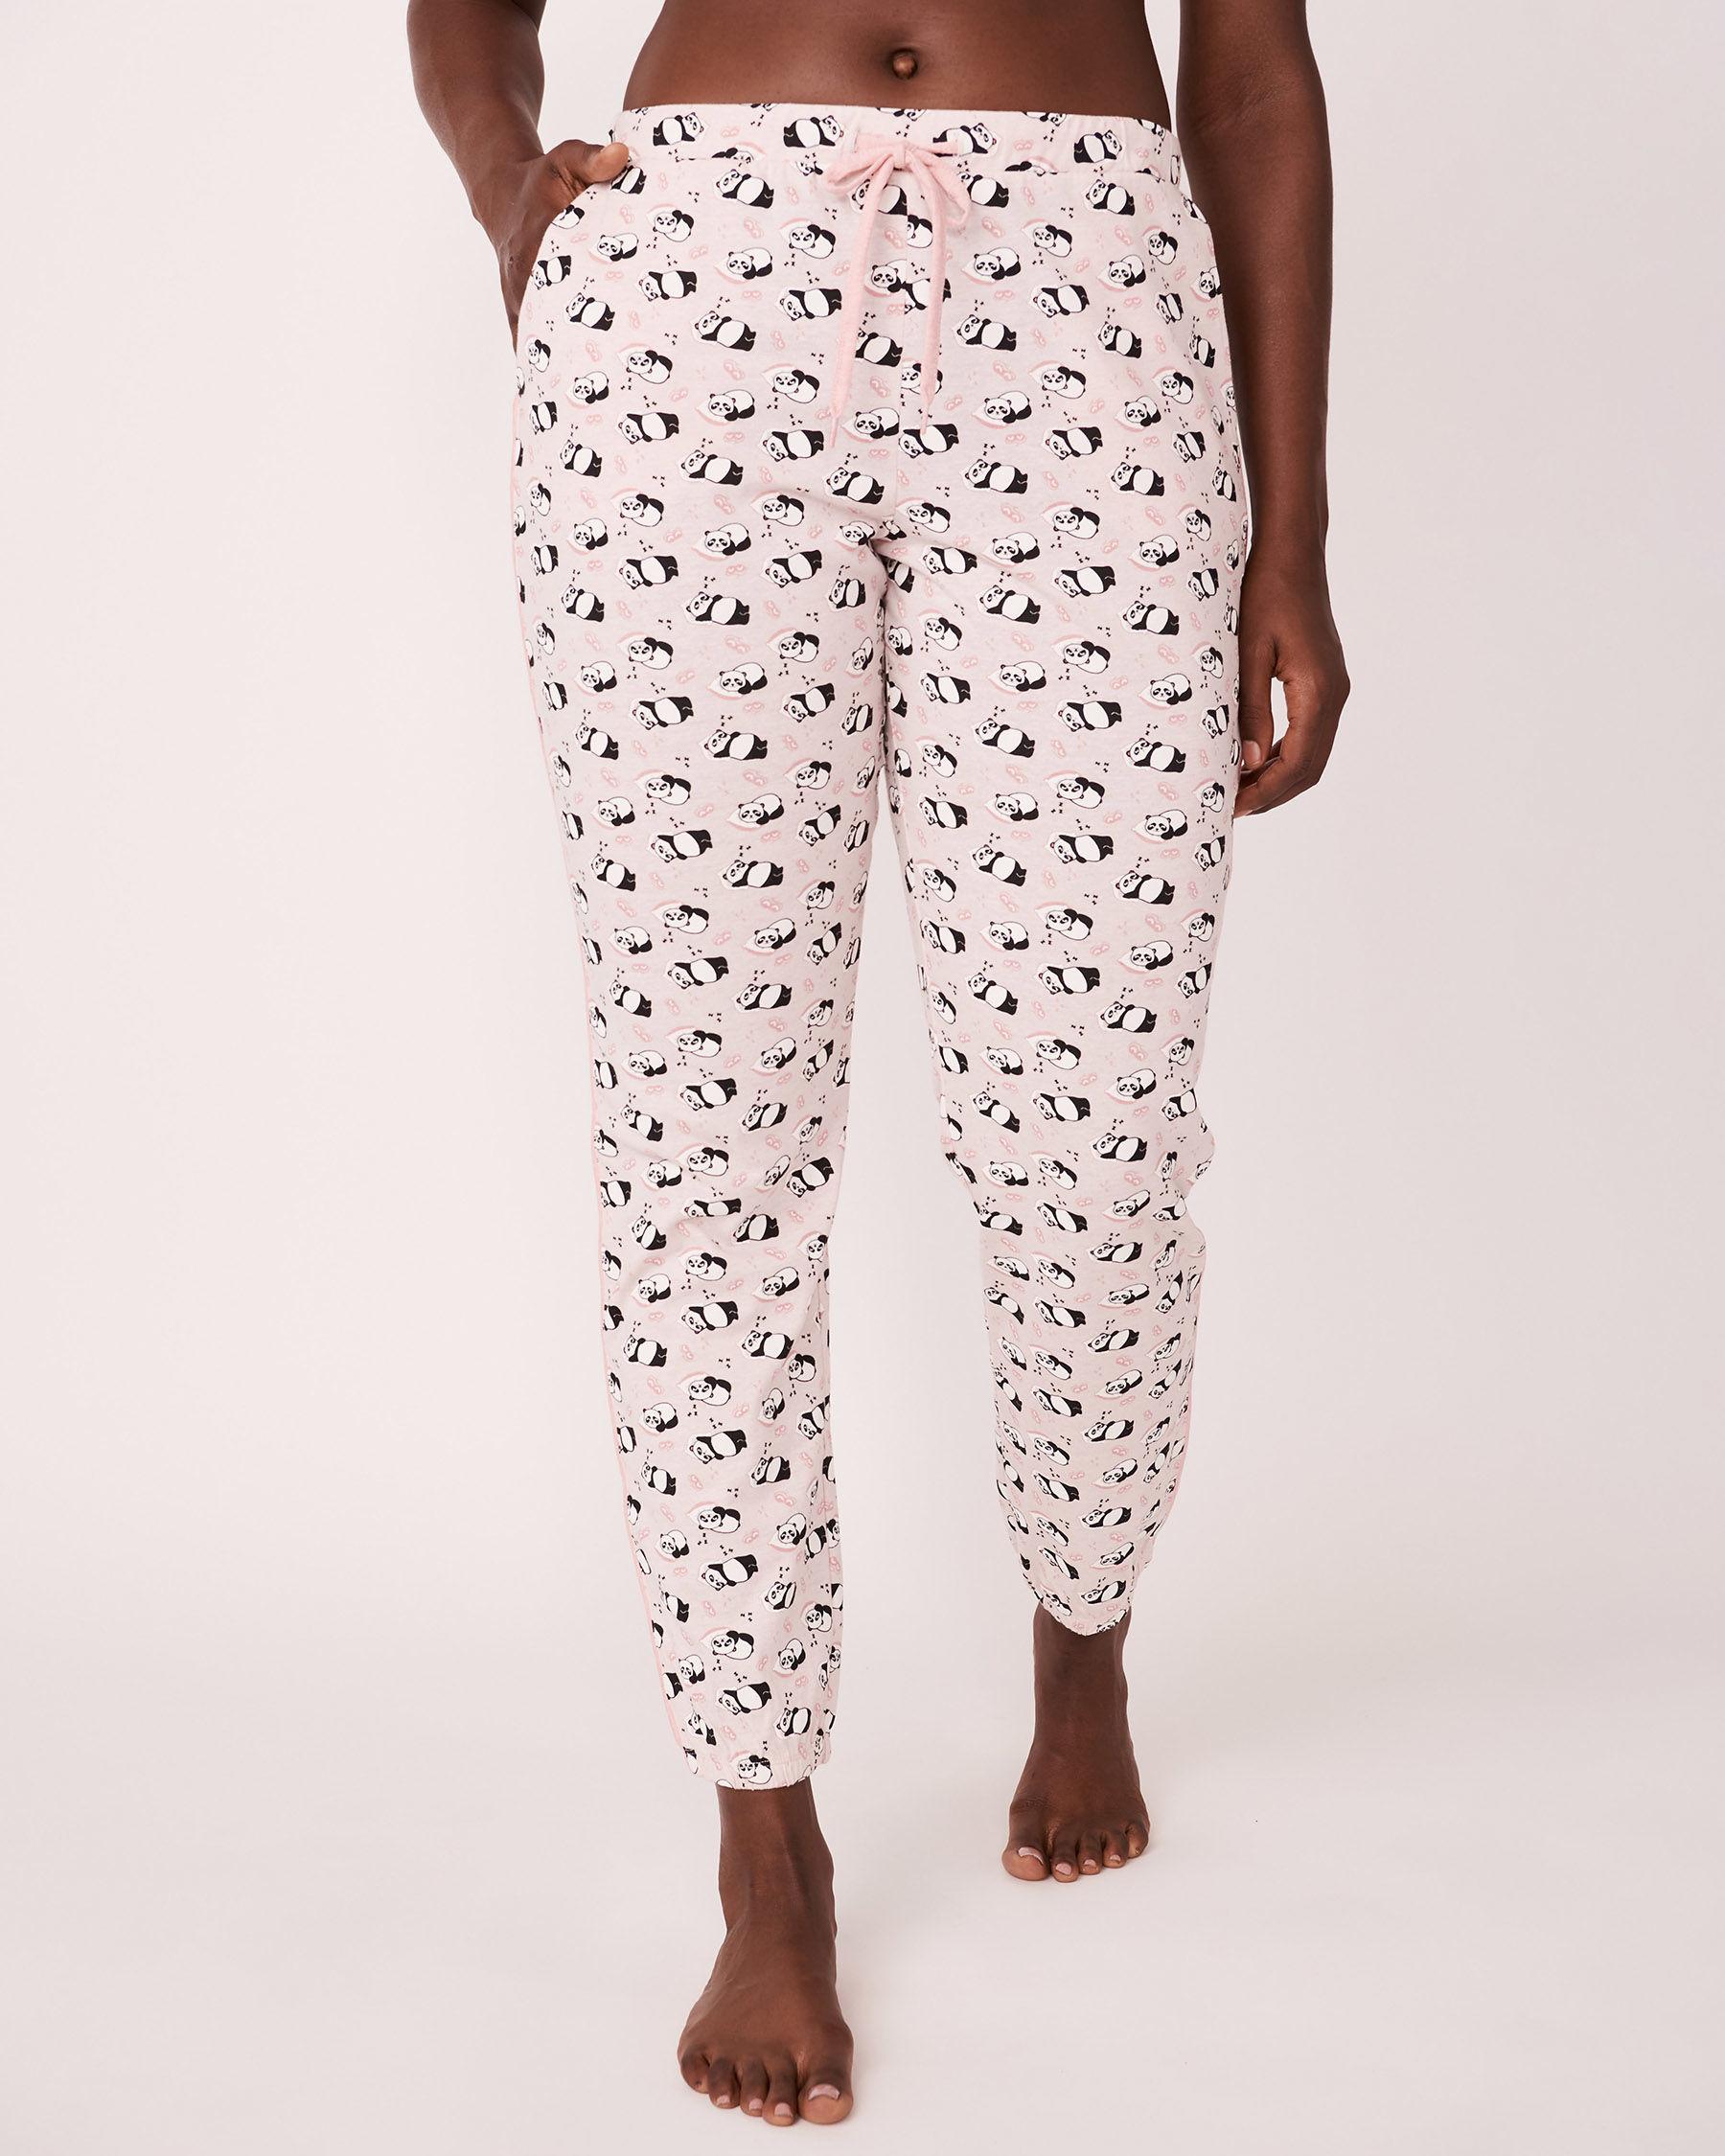 LA VIE EN ROSE Pantalon bouffant avec poches Imprimé panda 773-319-0-11 - Voir1